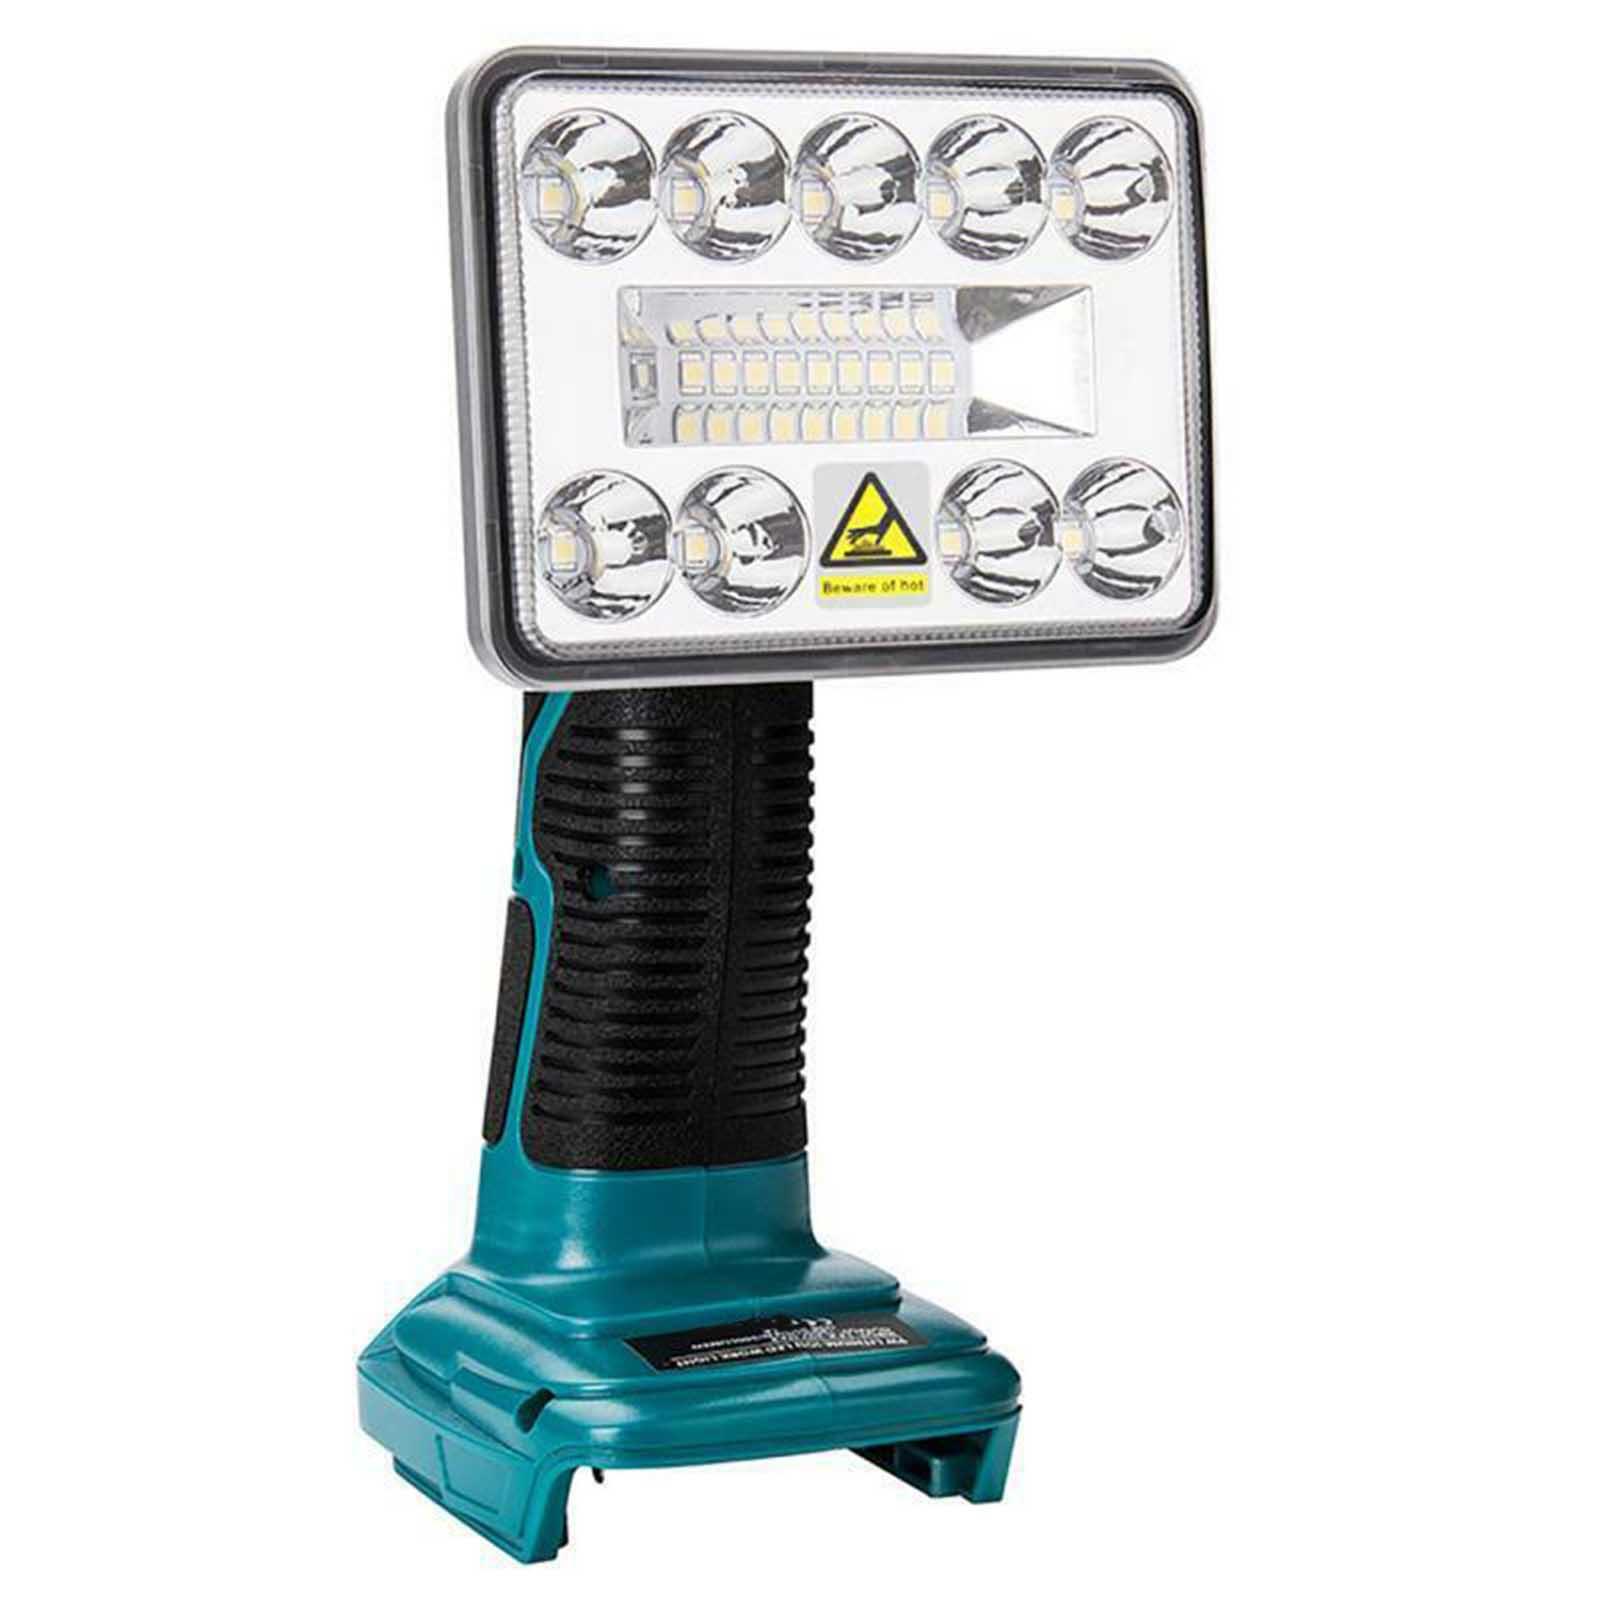 1000Mah 14.4-18 فولت مصباح ليد جيب الأضواء في الهواء الطلق العمل الإضاءة لماكيتا BL1430 BL1830 3 بوصة الأزرق